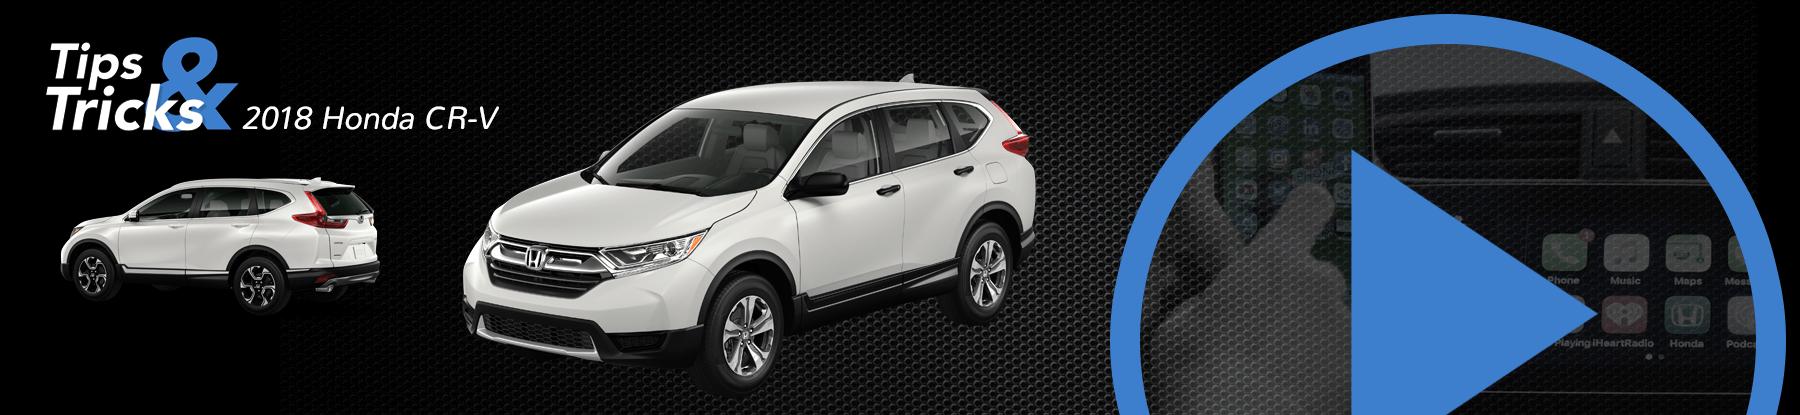 2018 Honda CR-V Tips and Tricks Banner